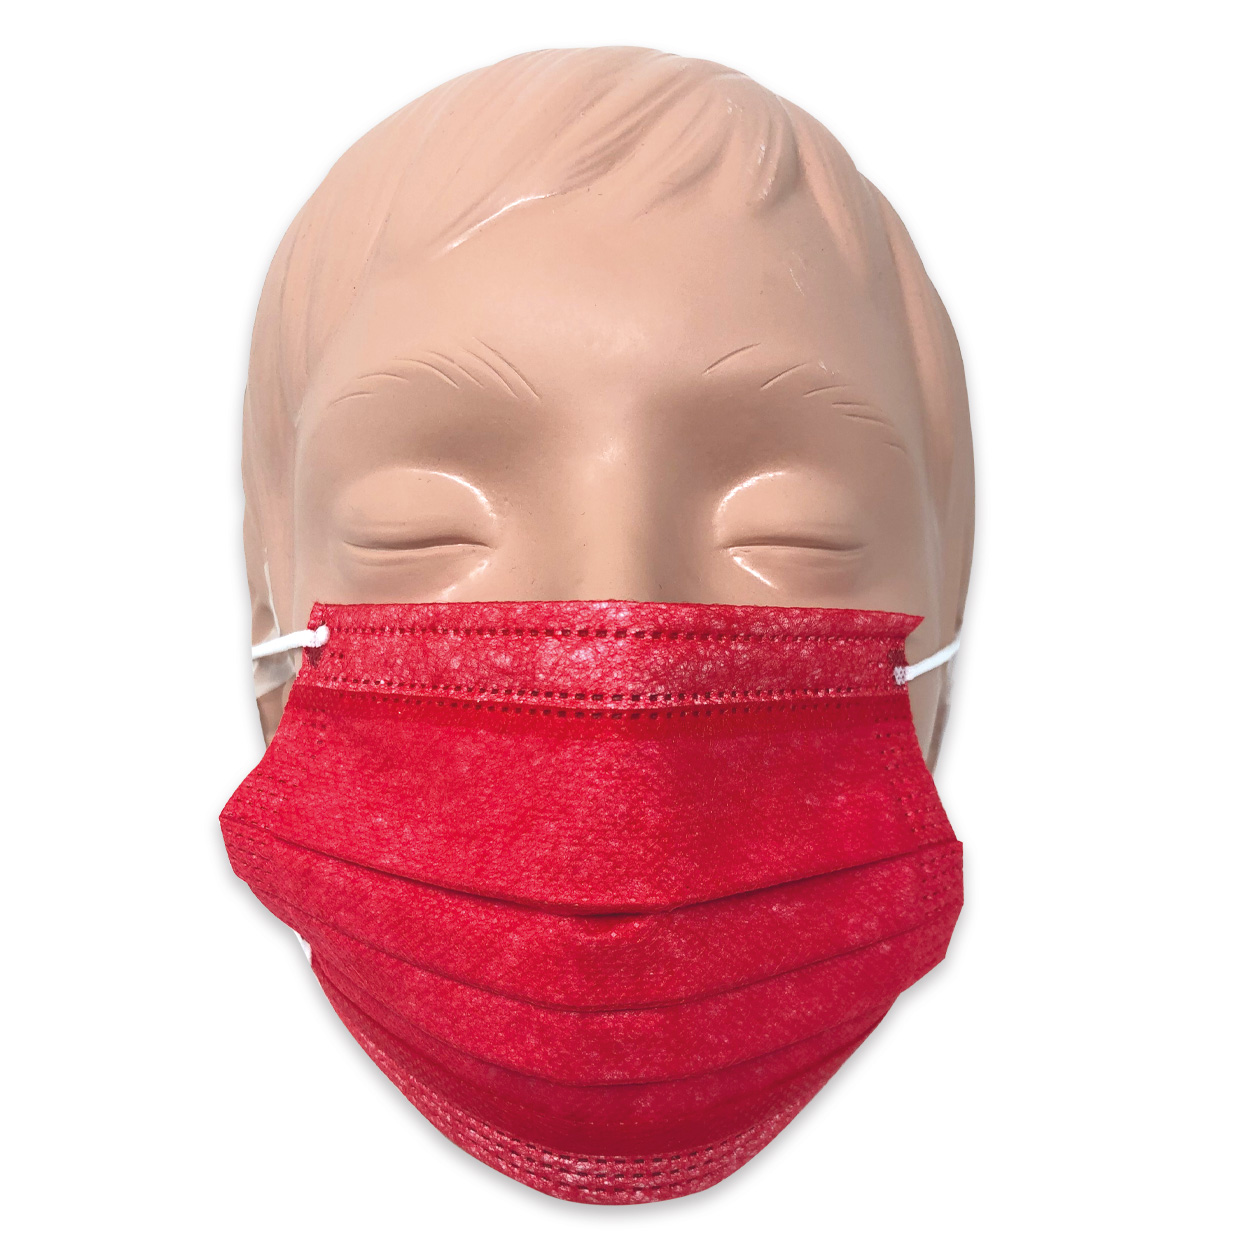 Mundschutz für Kinder in rot, Typ II, 3-lagig - Packung à 50 Stück